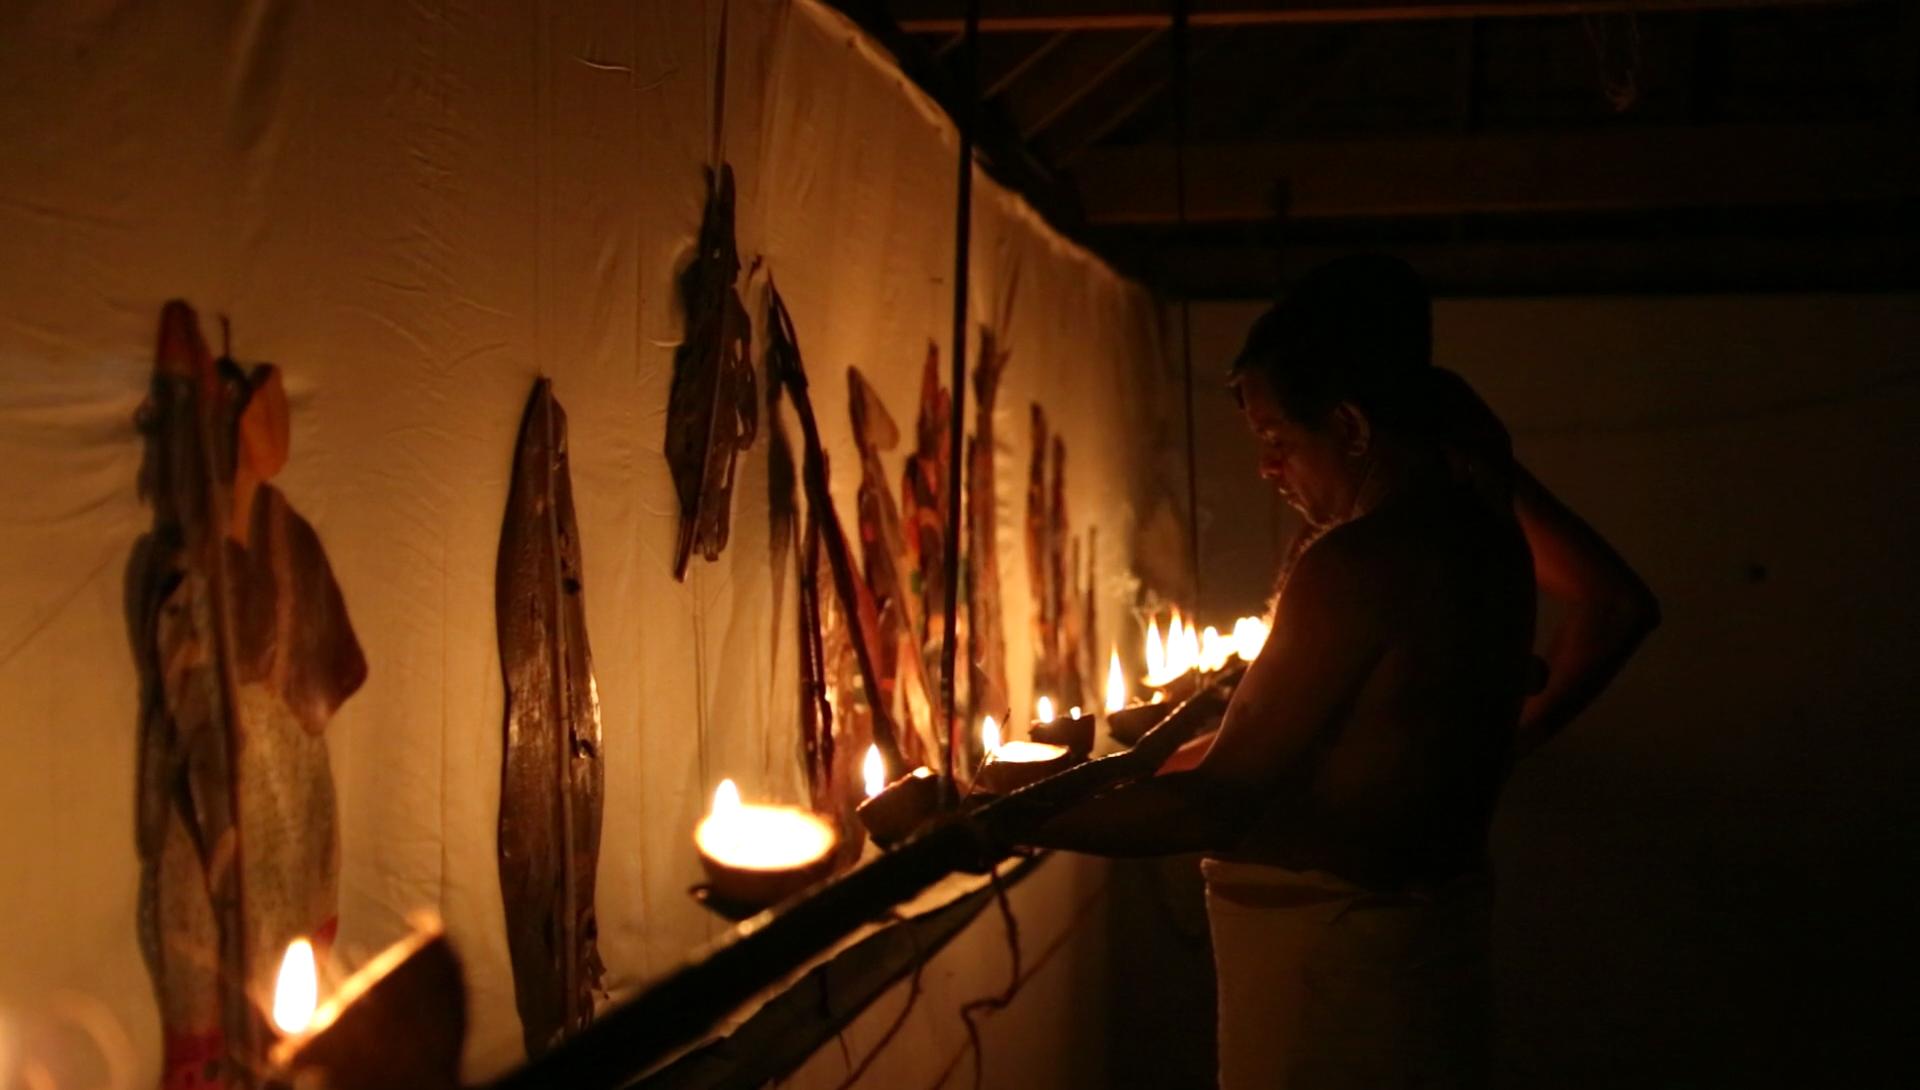 Allumage des vingt-et-une lampes de noix de coco derrière l'écran avant un spectacle de <em>tolpava koothu</em> d'un épisode du Râmâyana, mise en scène : Ramachandra Pulavar (Kerala, Inde)